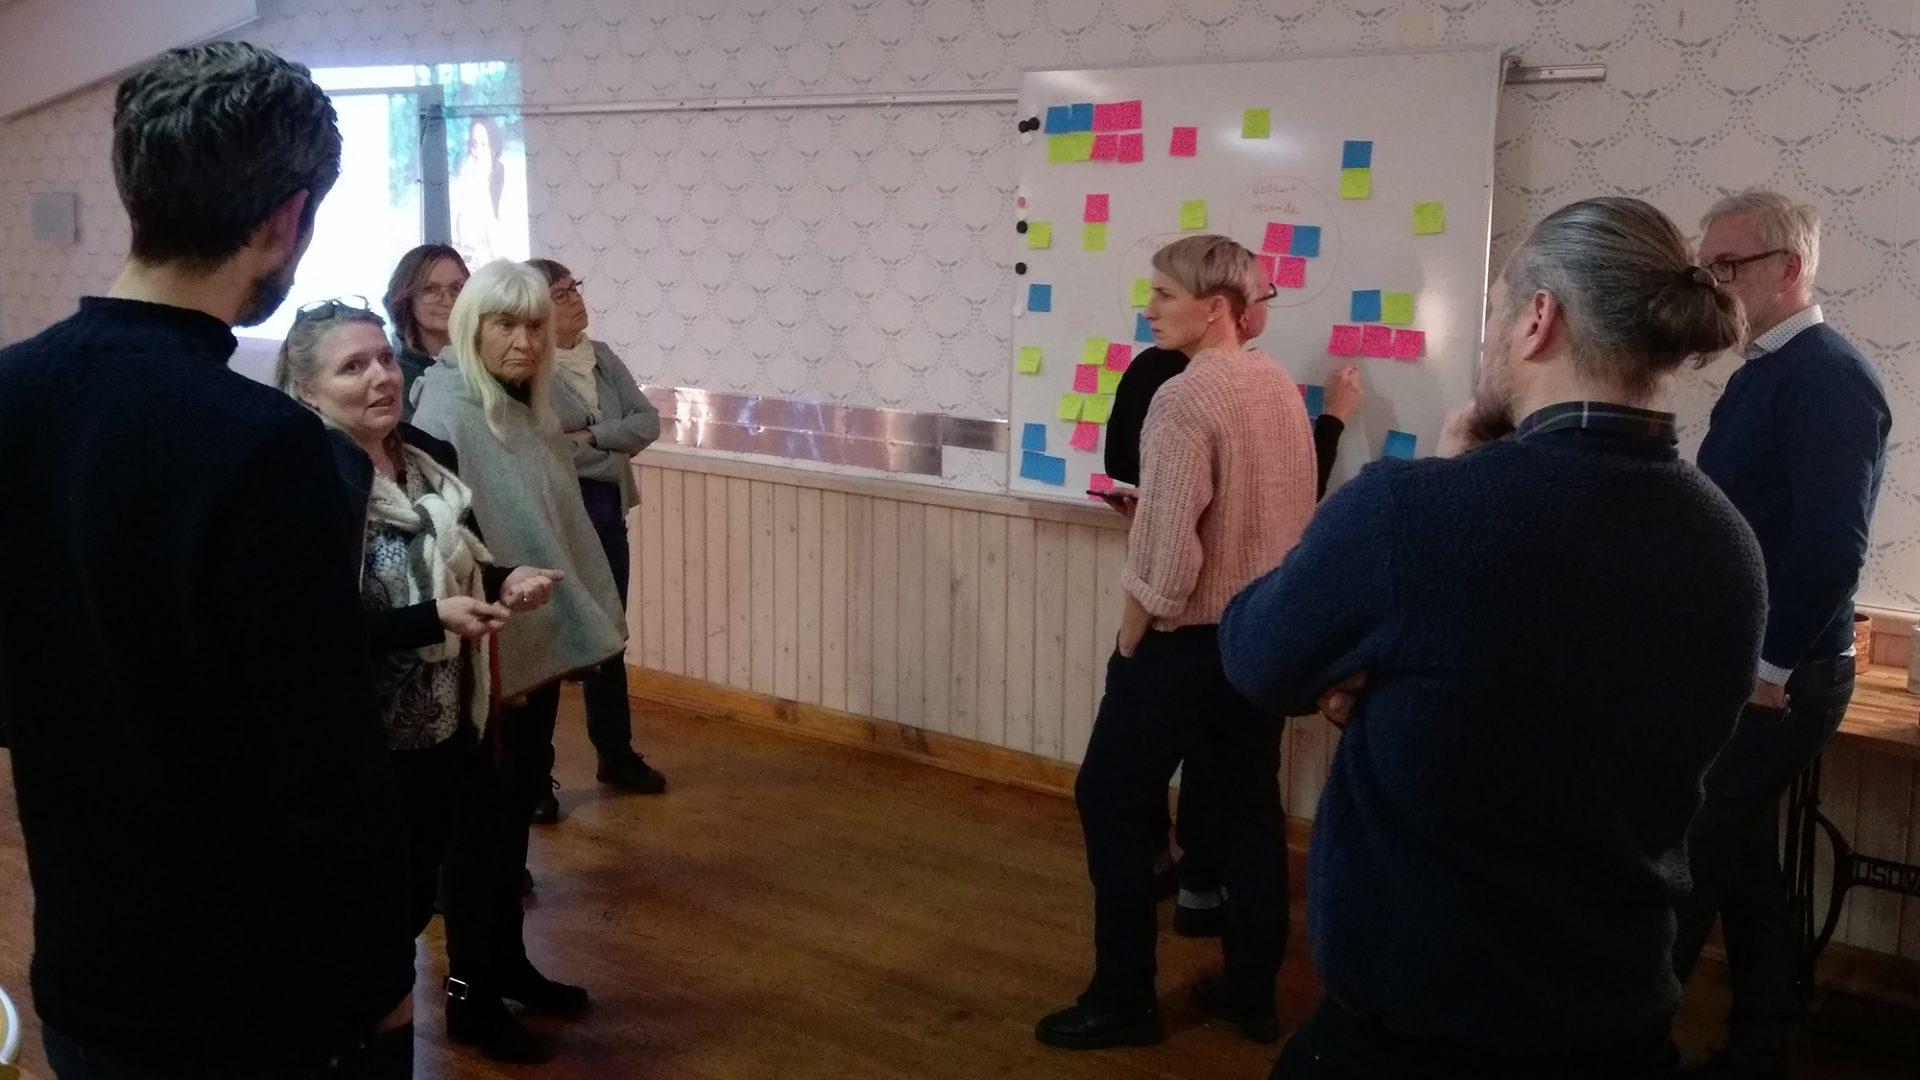 Personer som står och diskuterar vid en whiteboard med post it-lappar på.